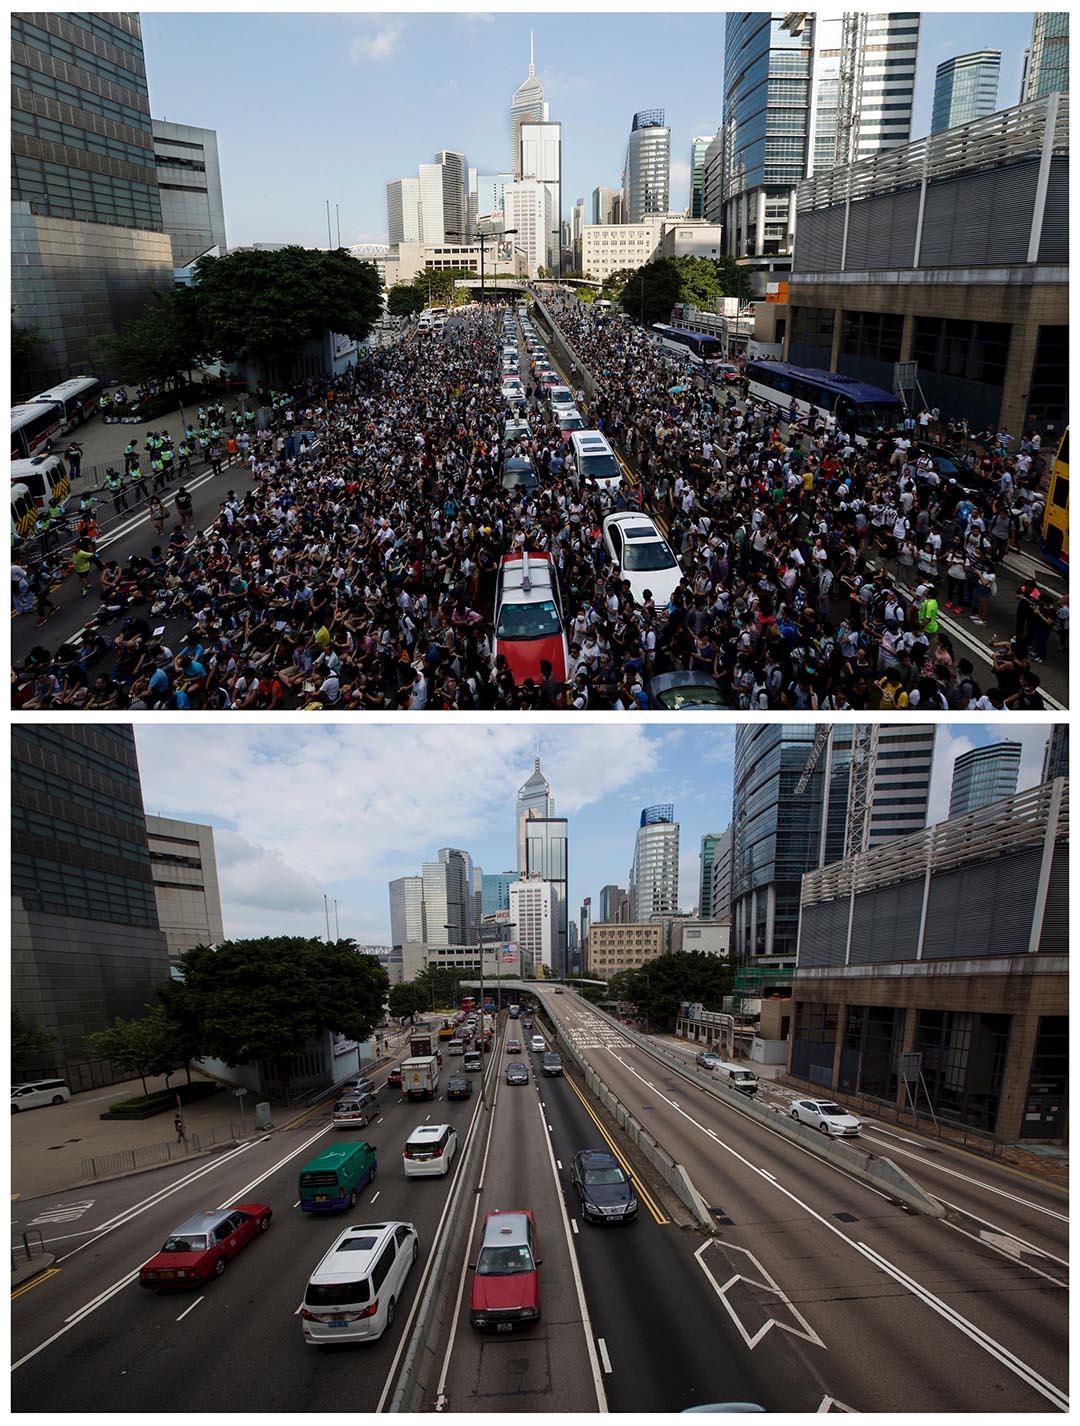 上圖為去年9月28日,大批示威者湧到金鐘的馬路上,當日稍後警方向示威者施放催淚彈。下圖為同一段金鐘馬路,攝於今年9月16日。攝:(上圖)Bobby Yip/REUTERS,(下圖)Tyrone Siu/REUTERS